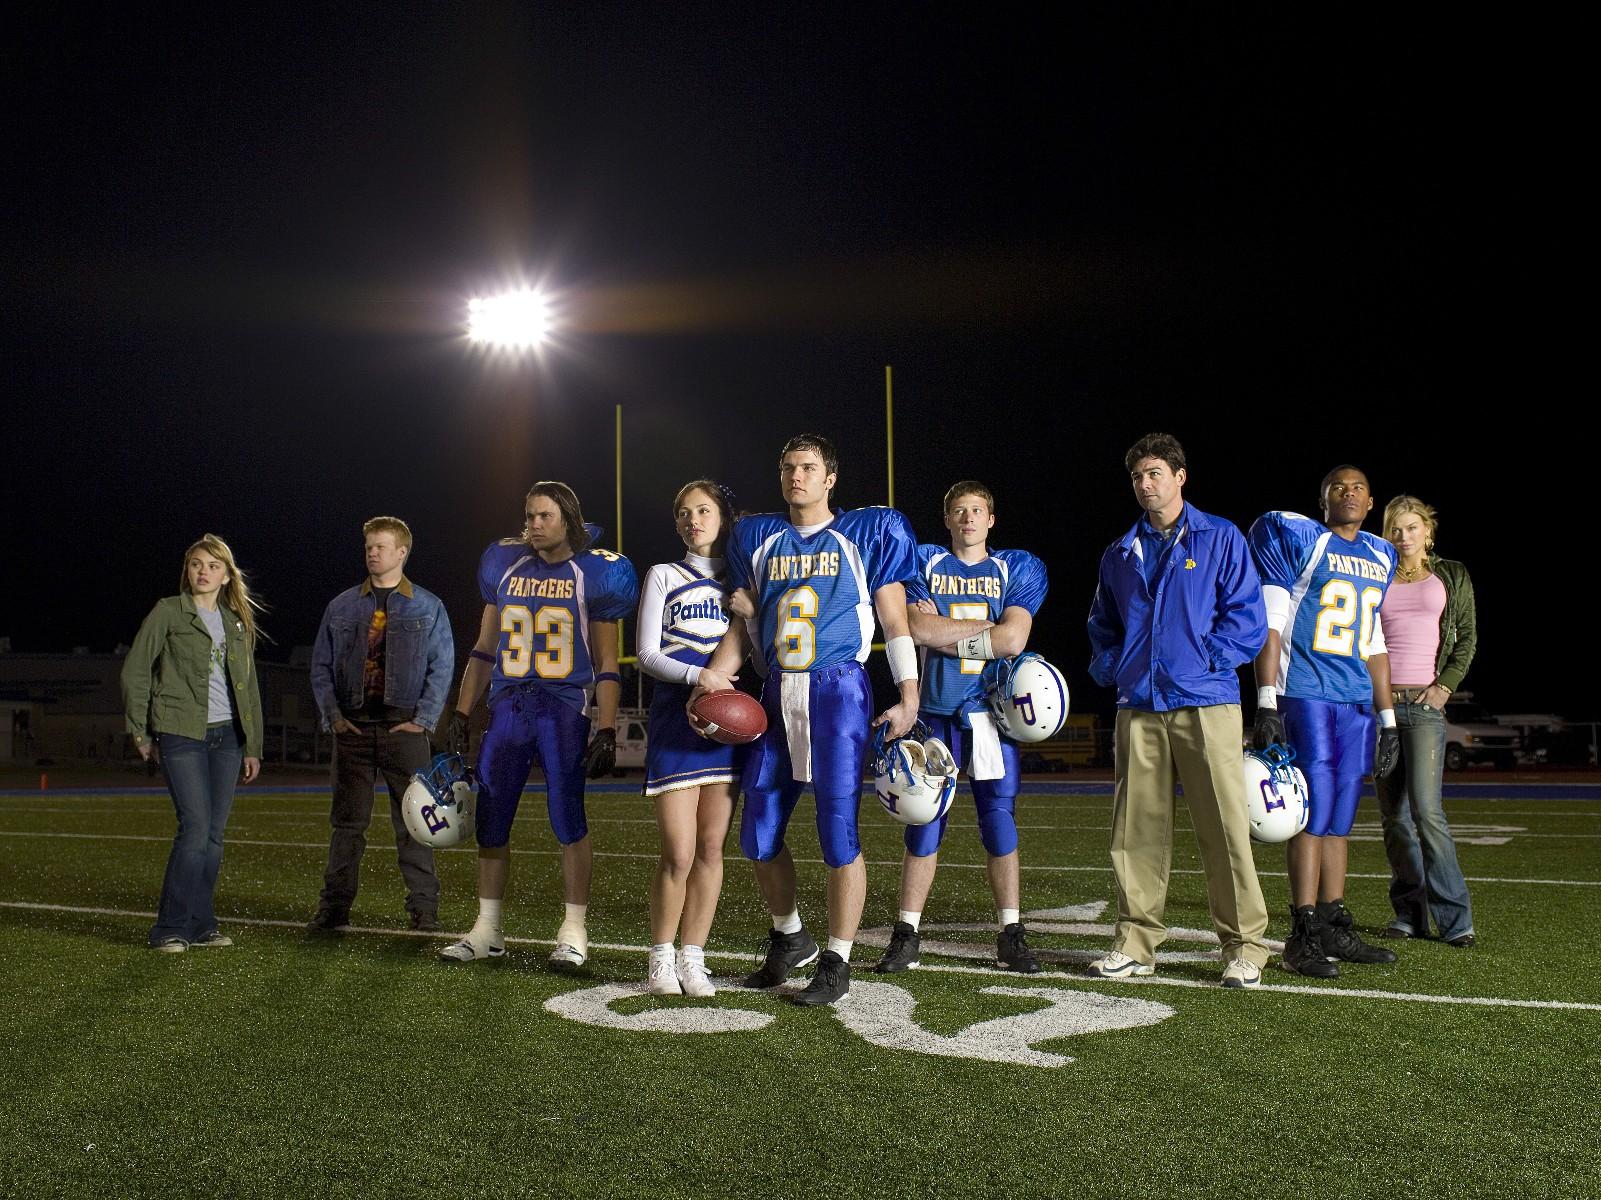 Friday Night Lights: una foto promozionale del cast